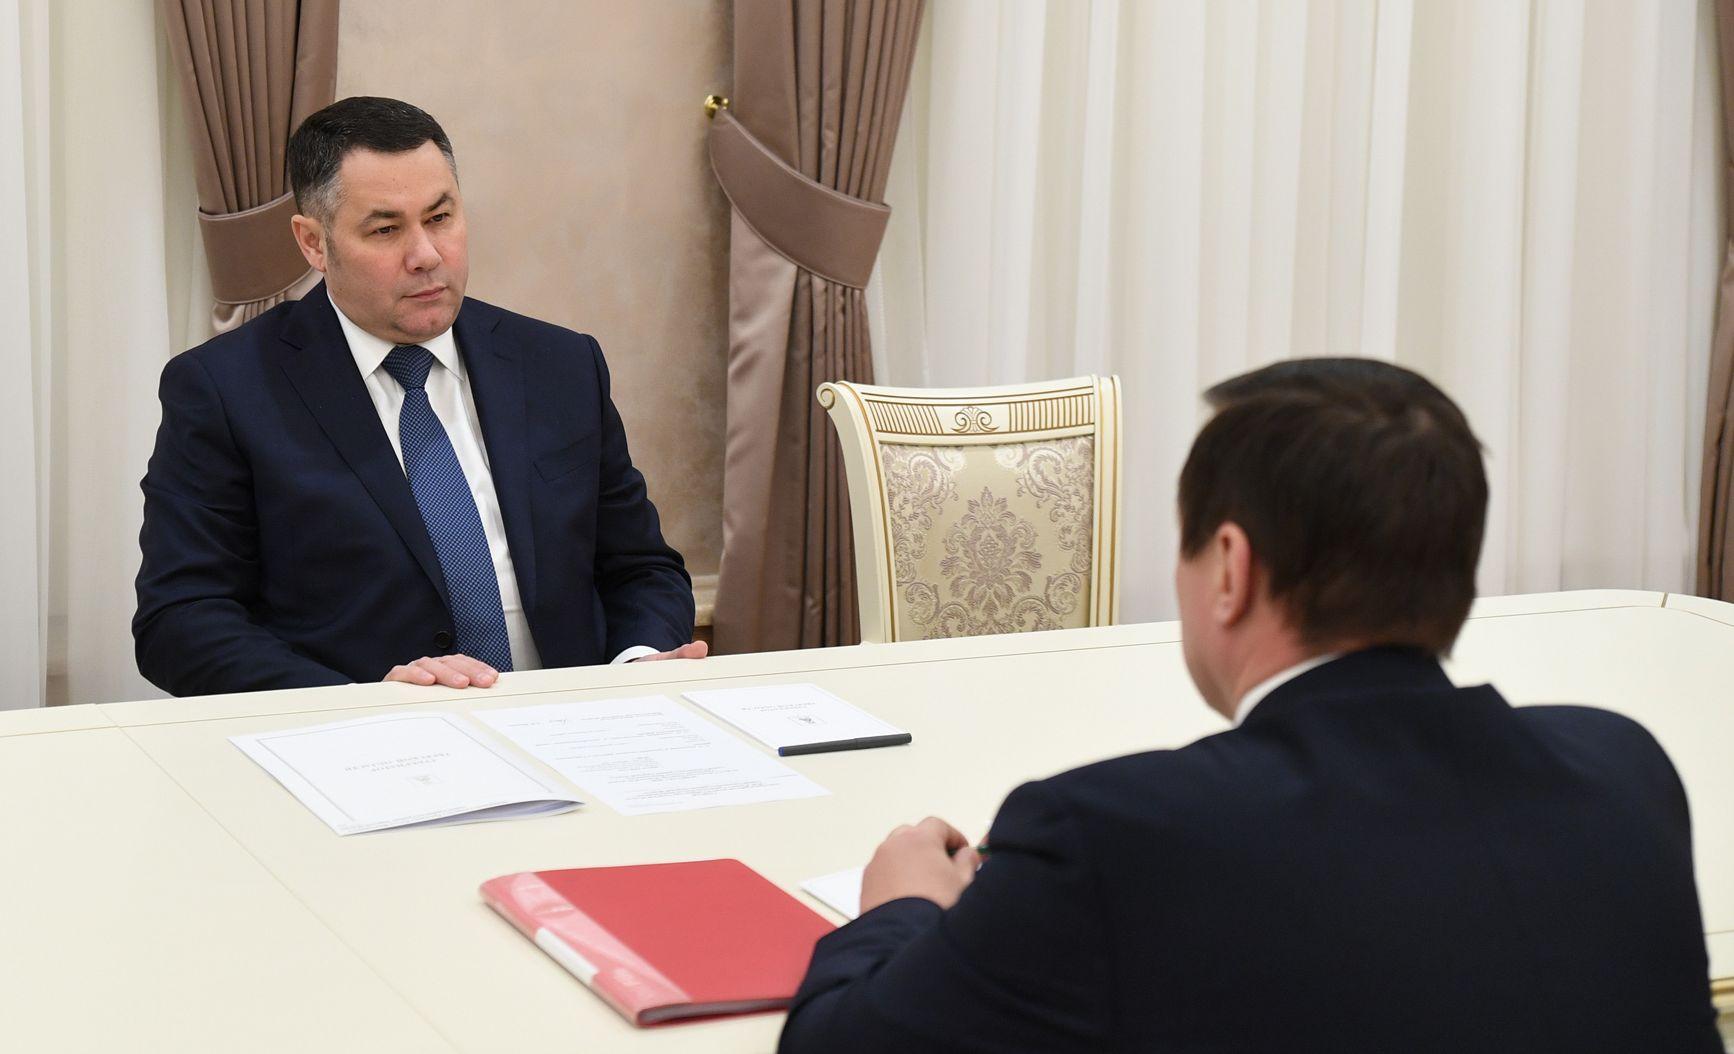 Игорь Руденя встретился с главой Сандовского района Олегом Грязновым